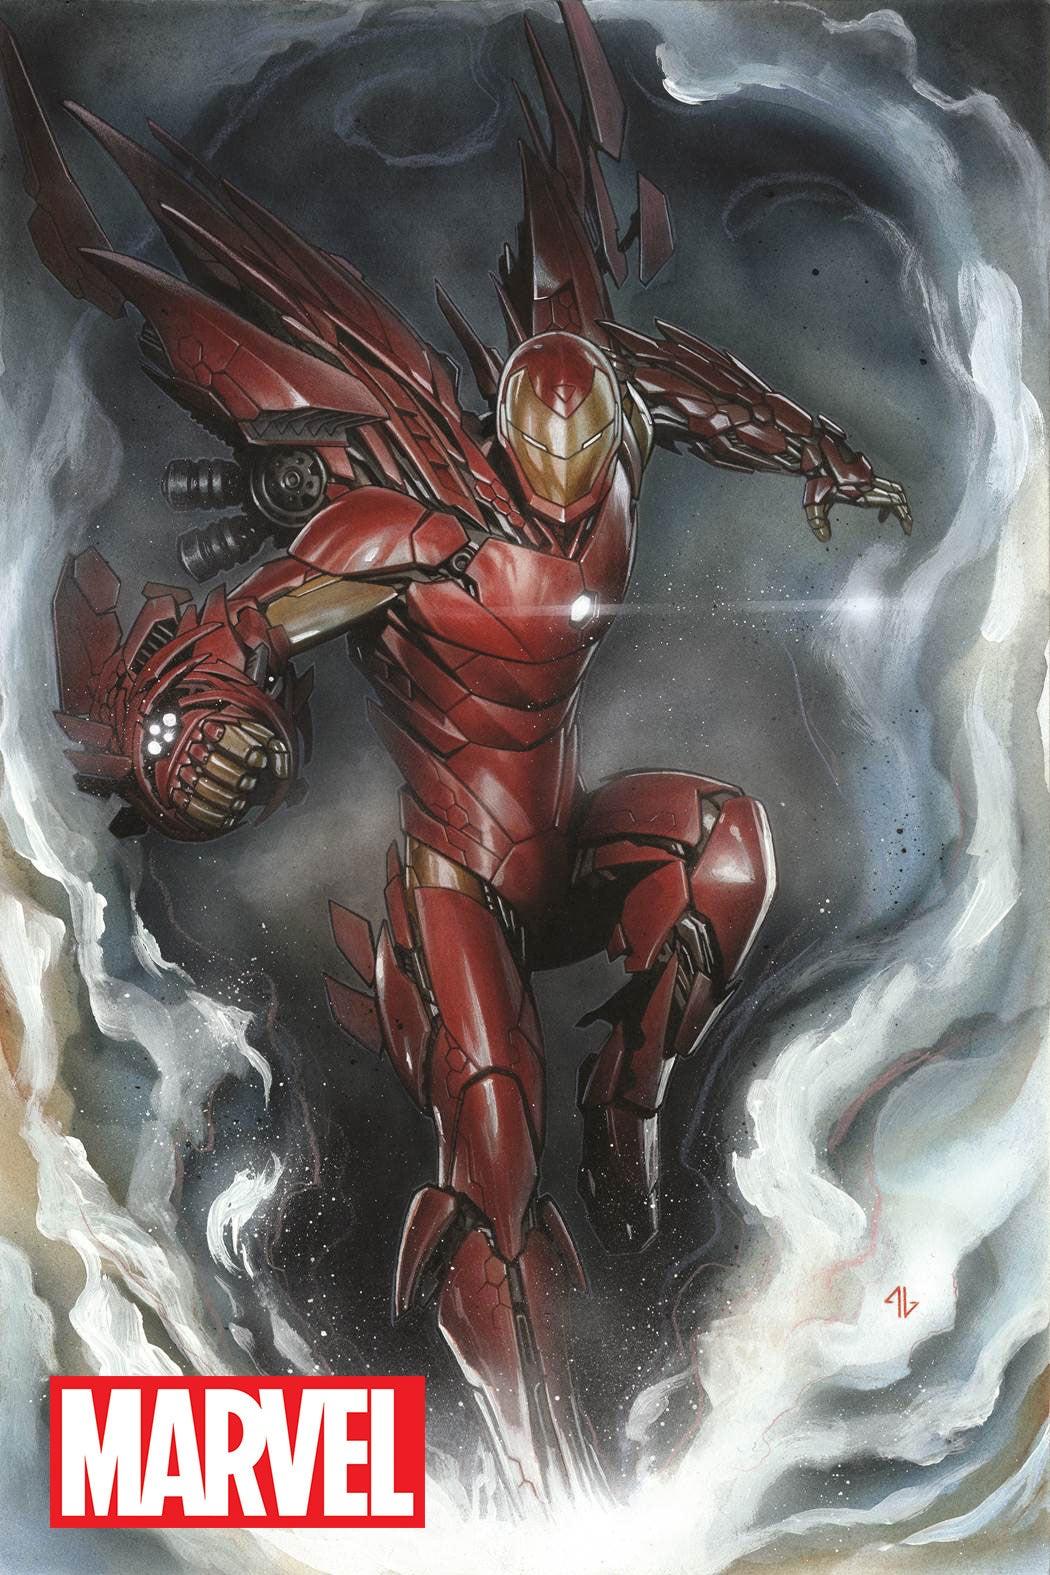 """[QUADRINHOS] Marvel Comics (EUA) - """"Reboot""""! - Página 24 Invincible-iron-man-1-granov-variant-145953"""